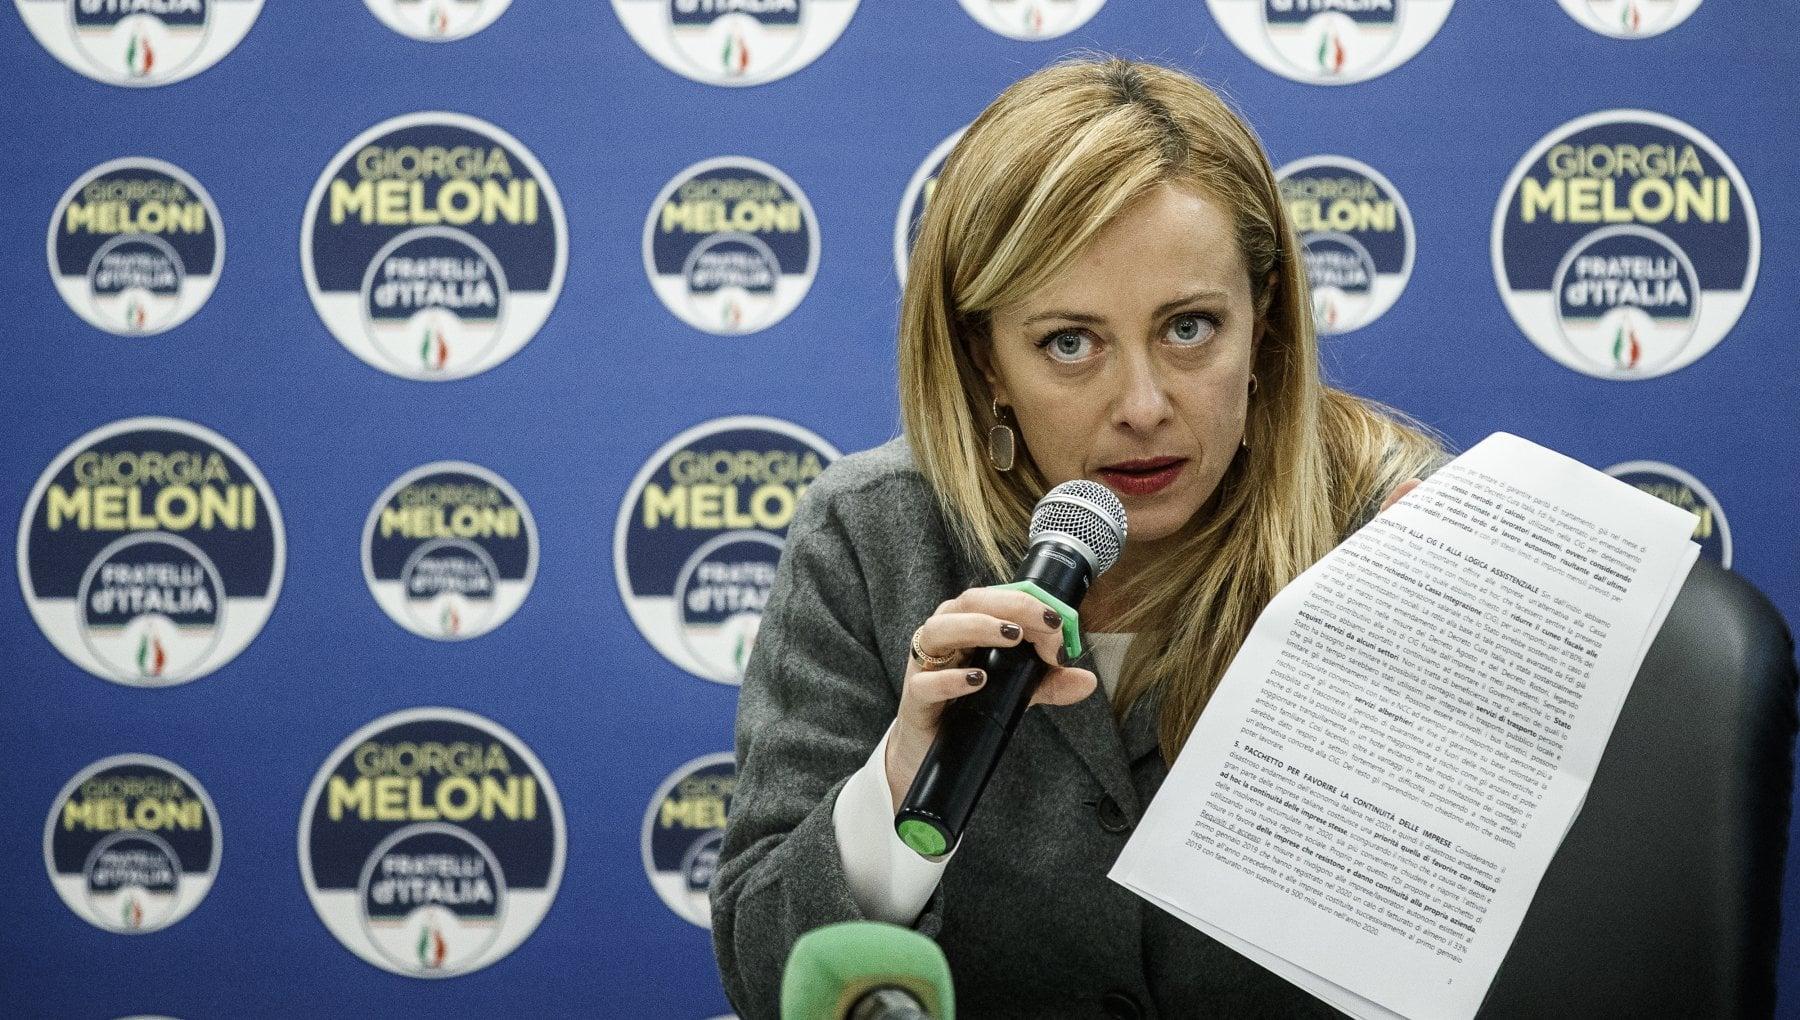 Contatti fra Fi e Pd. Meloni avverte Silvio Non fare giochetti